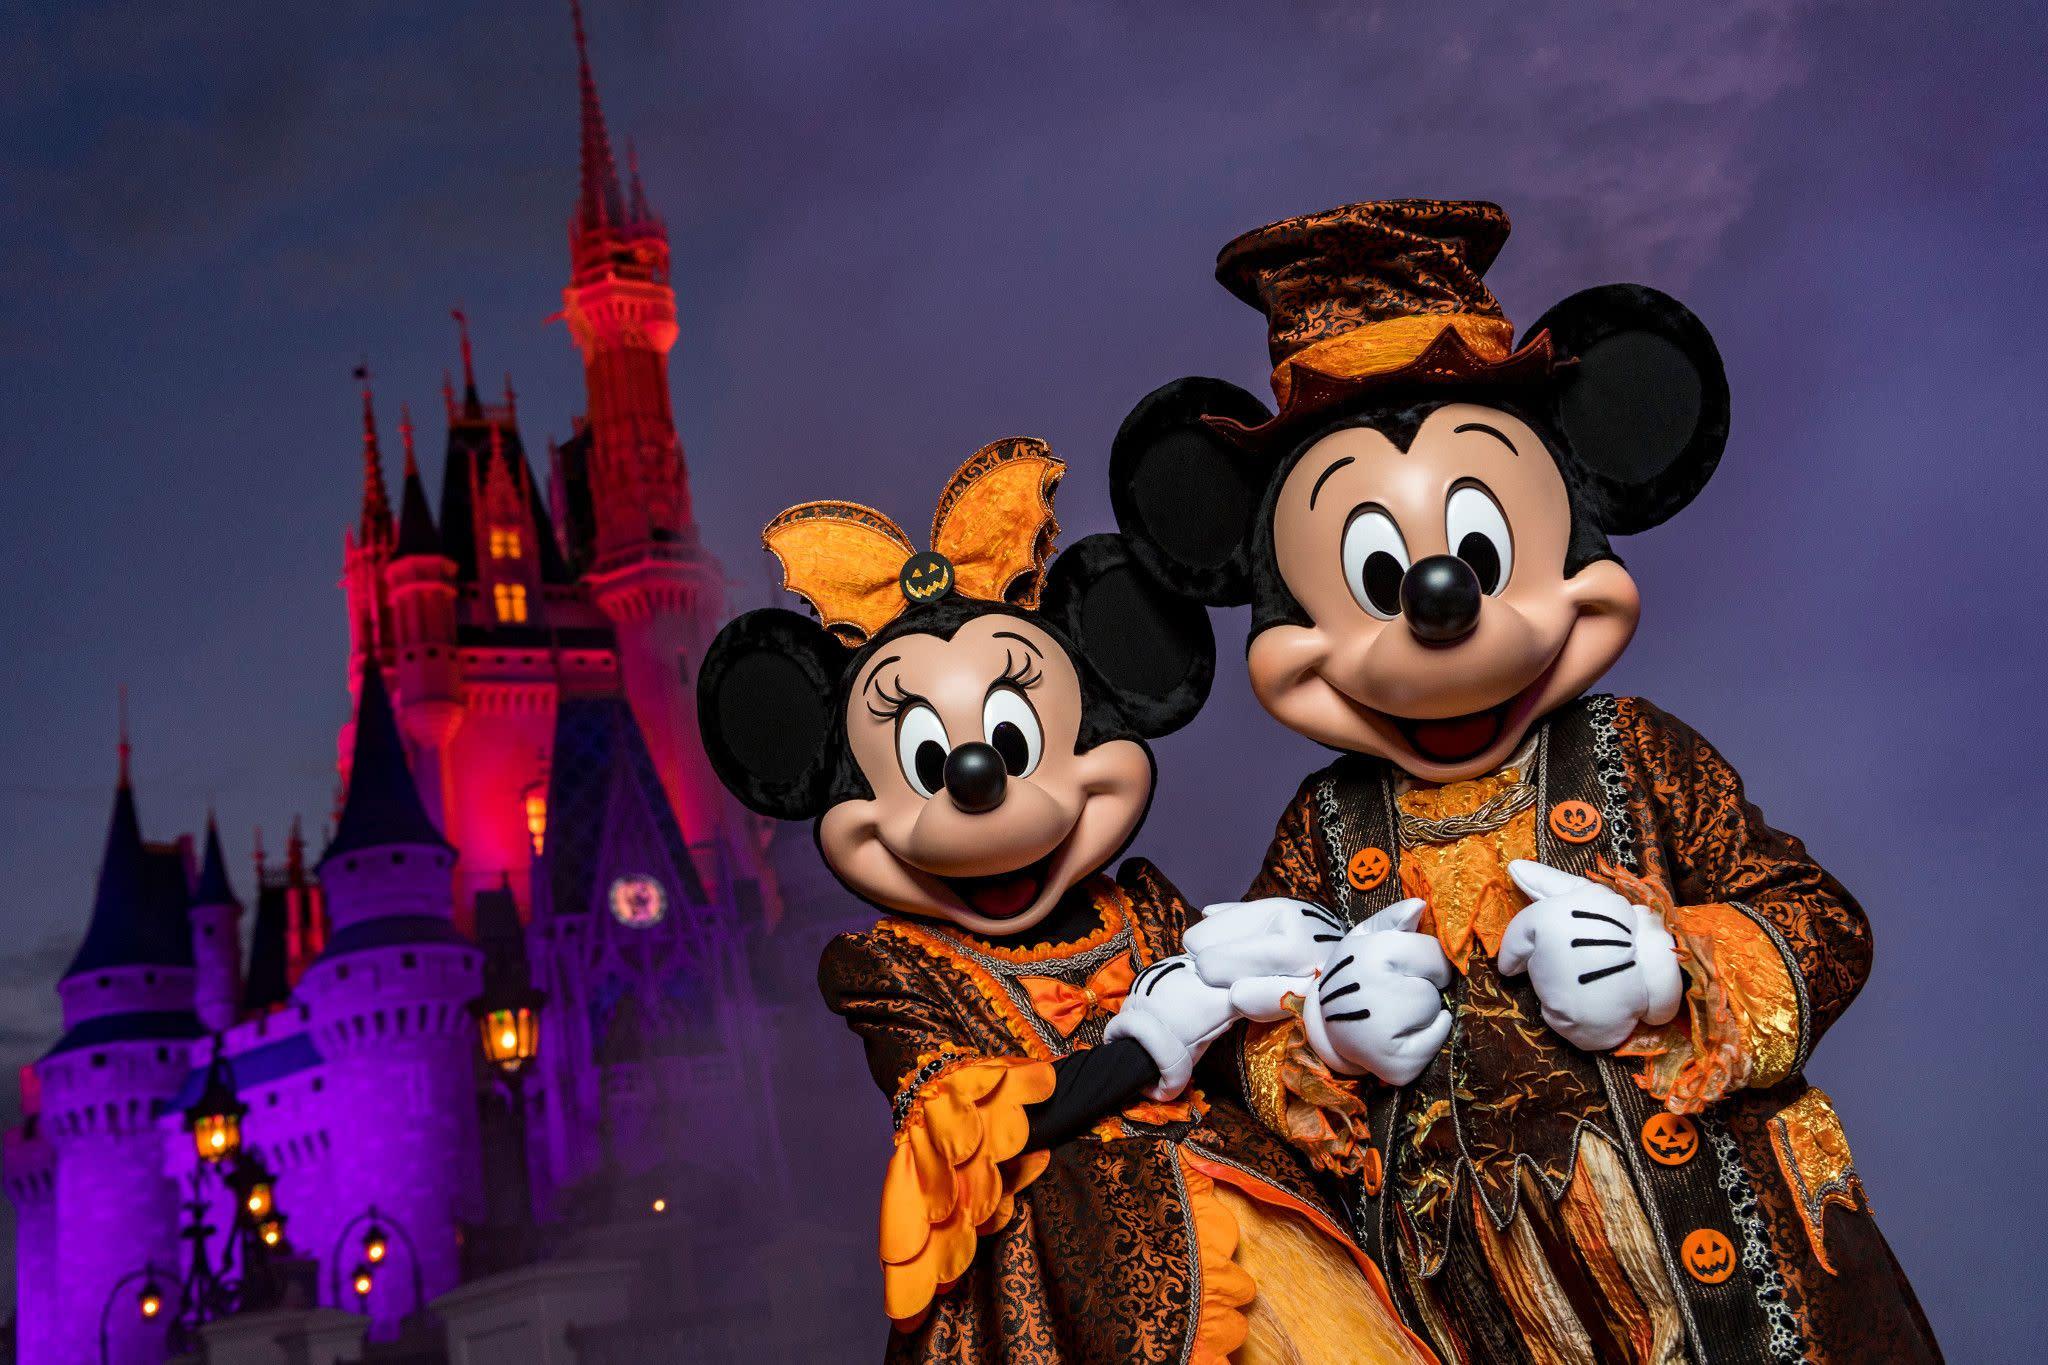 Mickey's Not-So-Scary Halloween Party at Walt Disney World Resort's Magic Kingdom Park